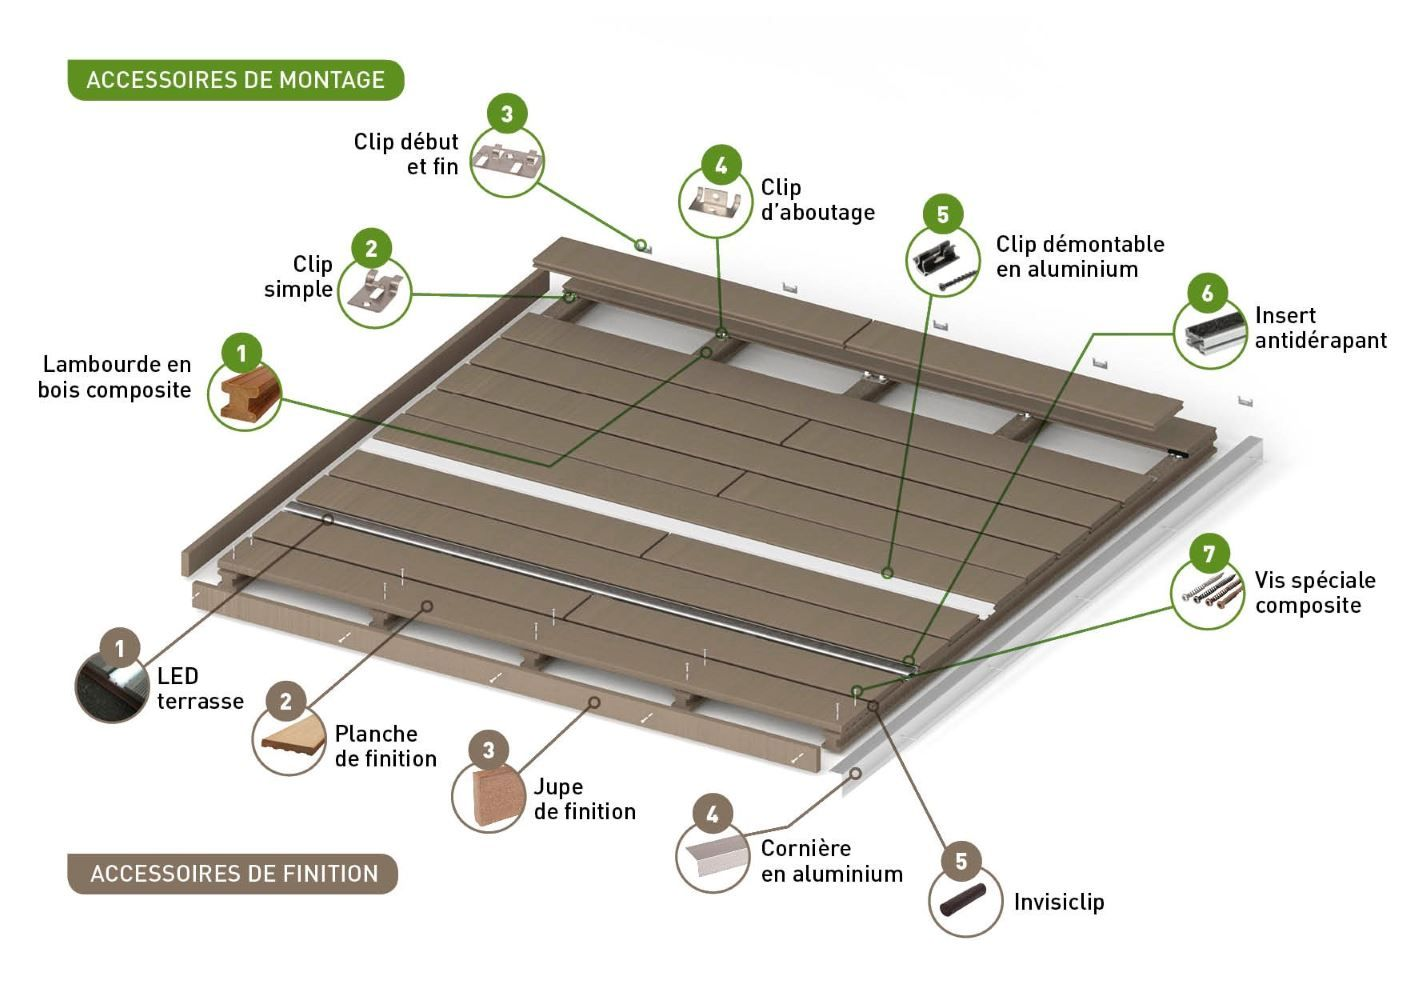 amenagez facilement votre terrasse composite ou plage de piscine decouvrez les accessoires de pose et